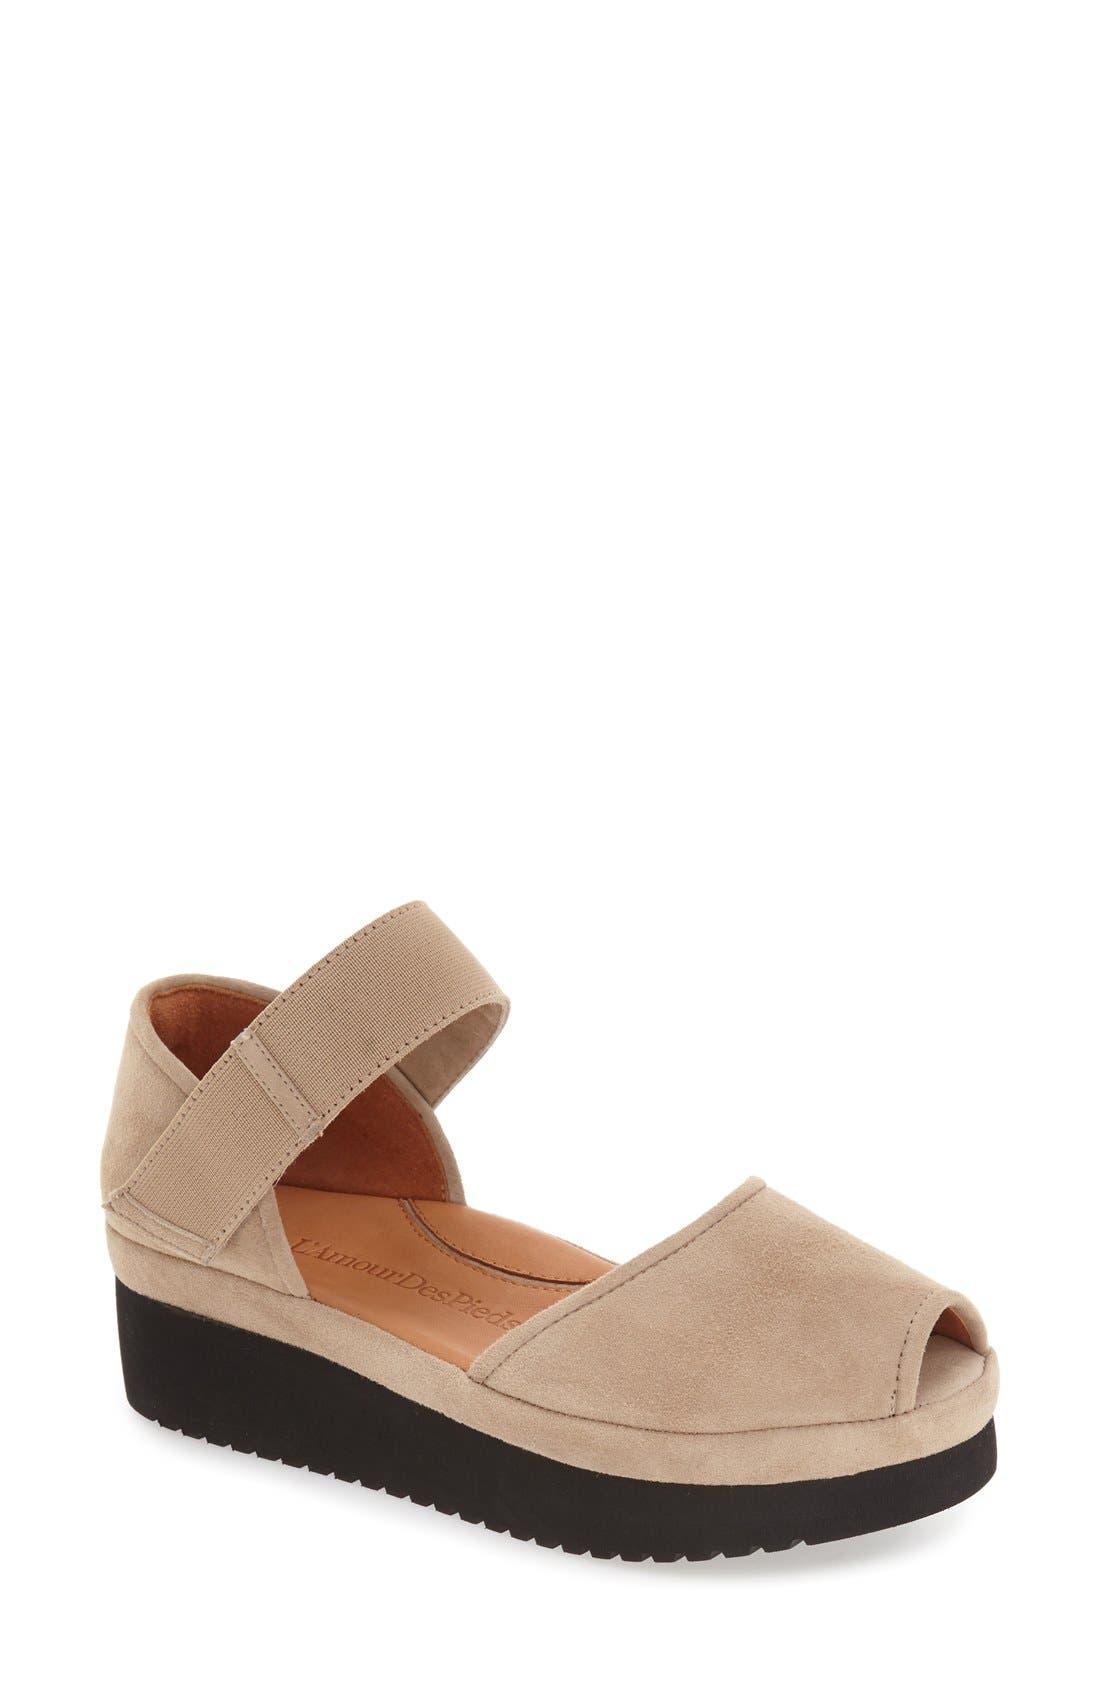 'Amadour' Platform Sandal,                             Main thumbnail 7, color,